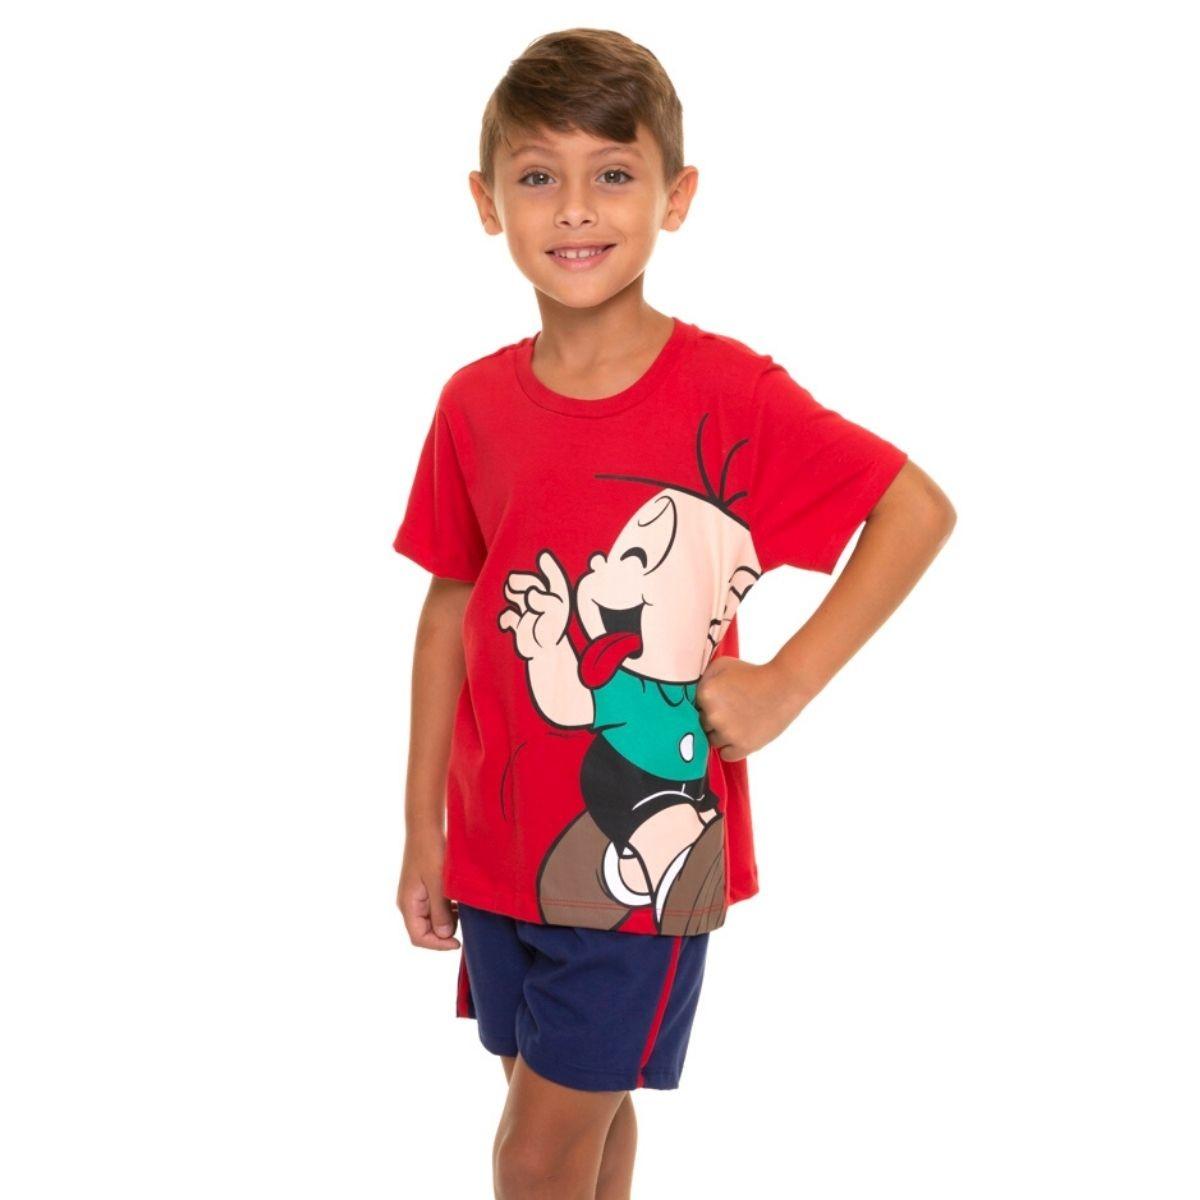 Pijama infantil menino de calor cebolinha turma da monica